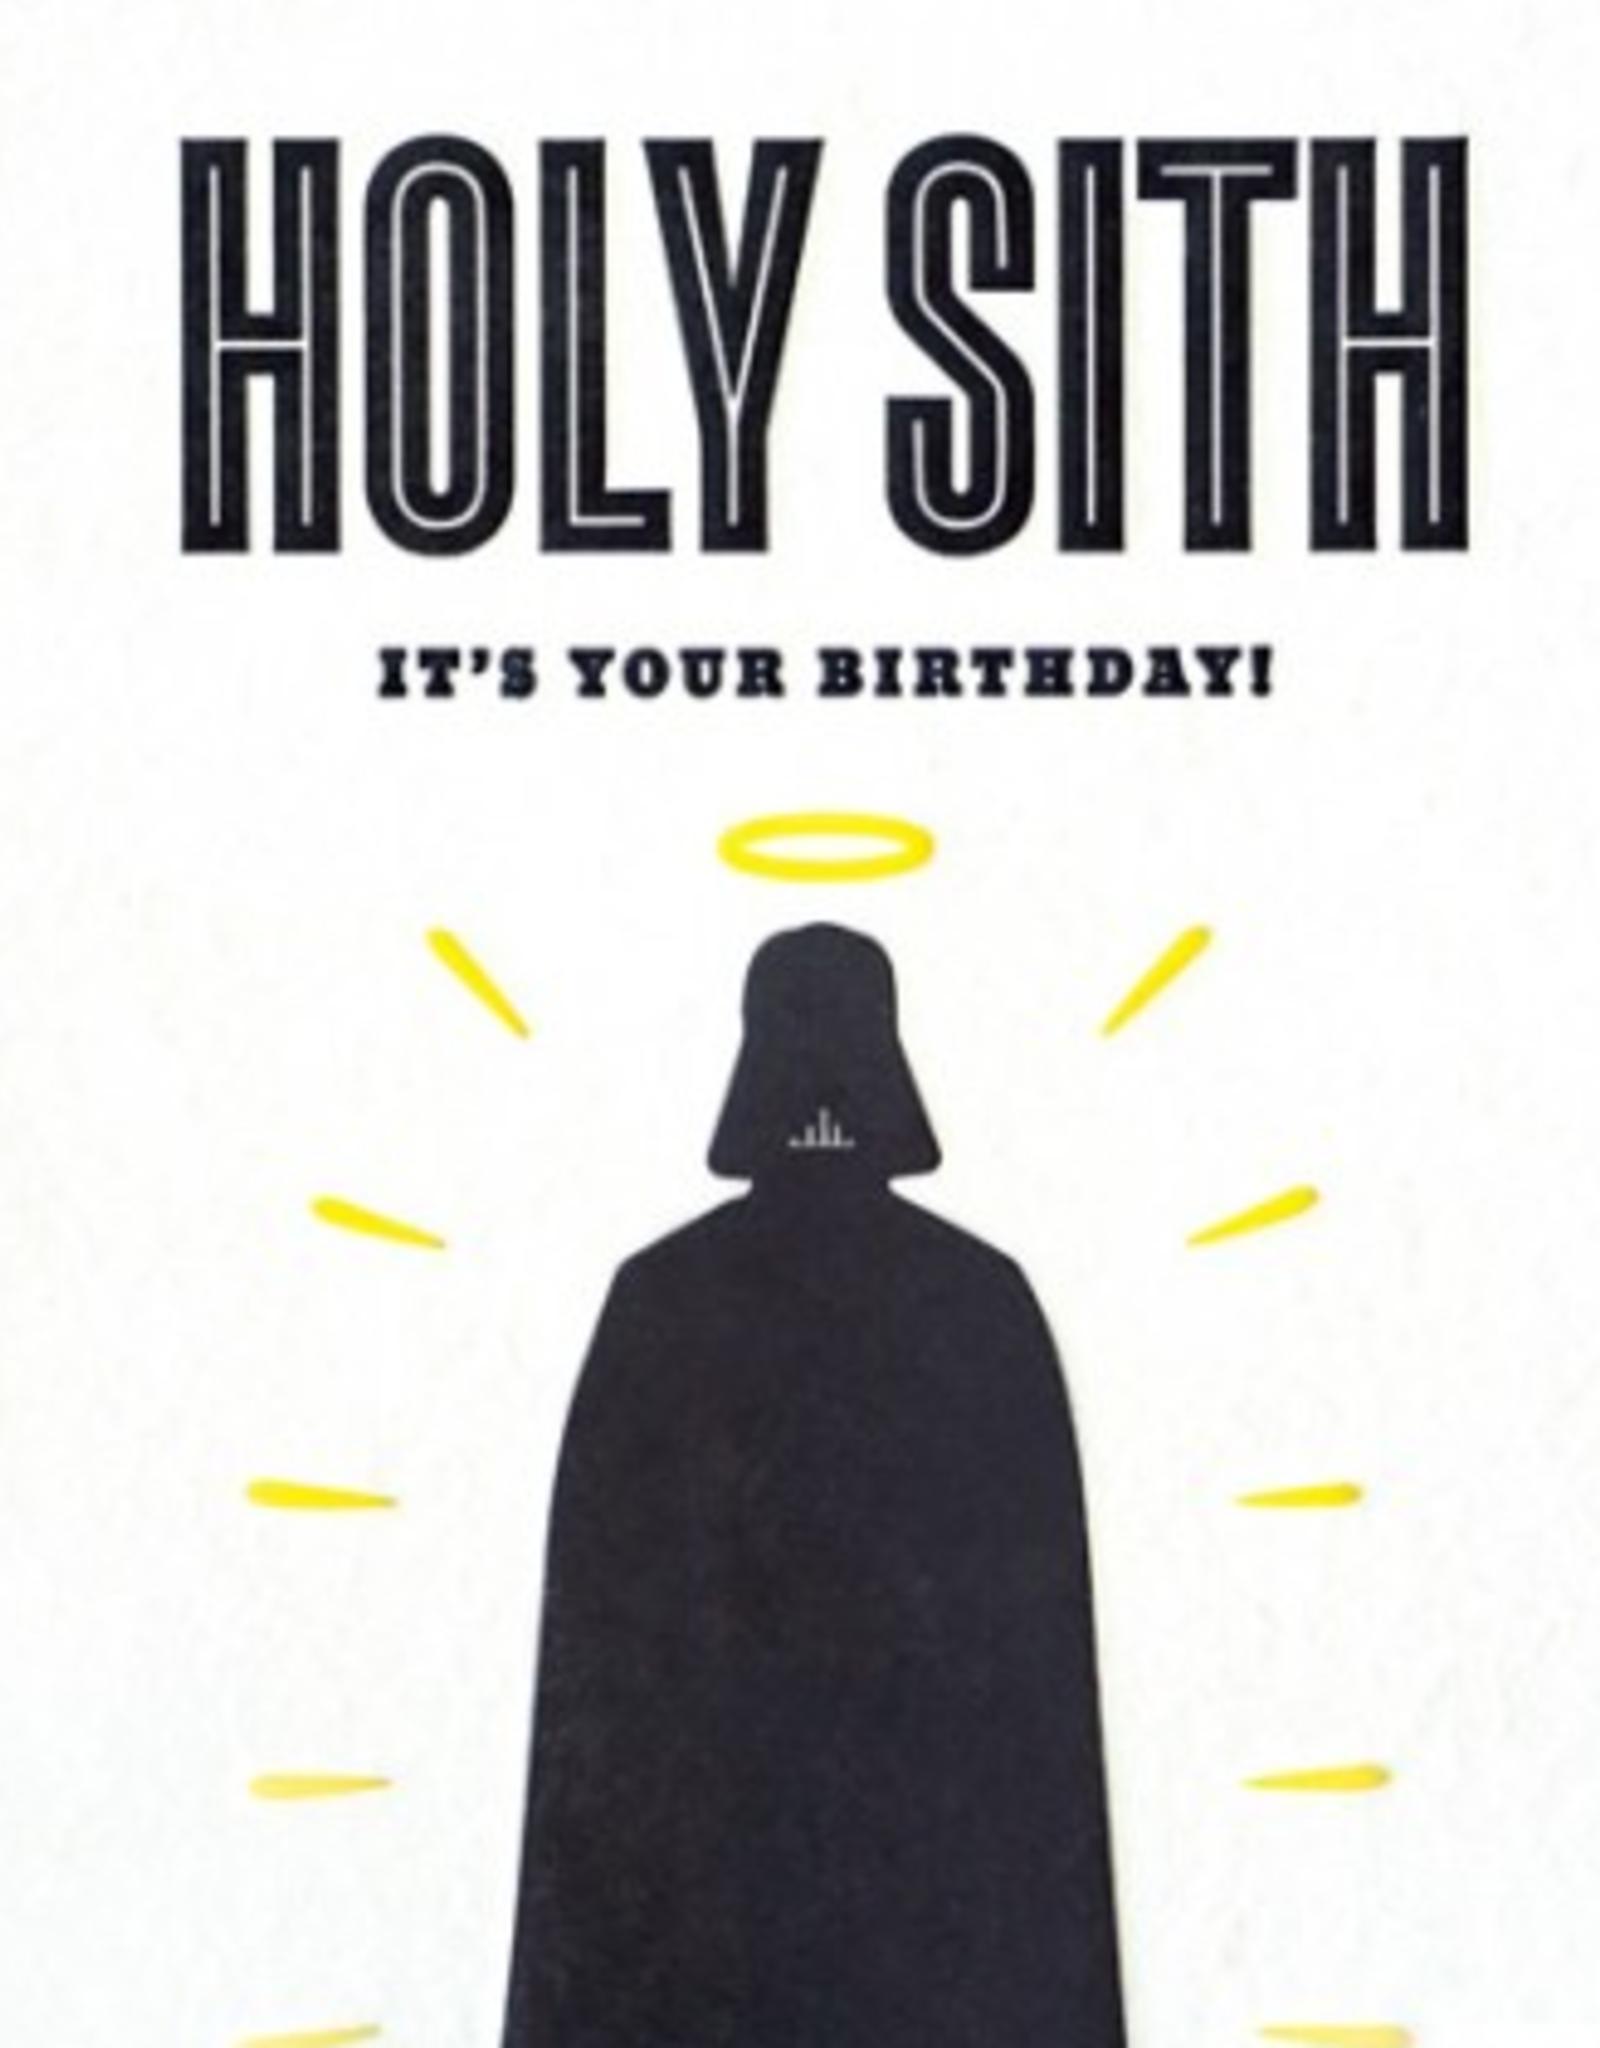 Holy Sith Birthday Card